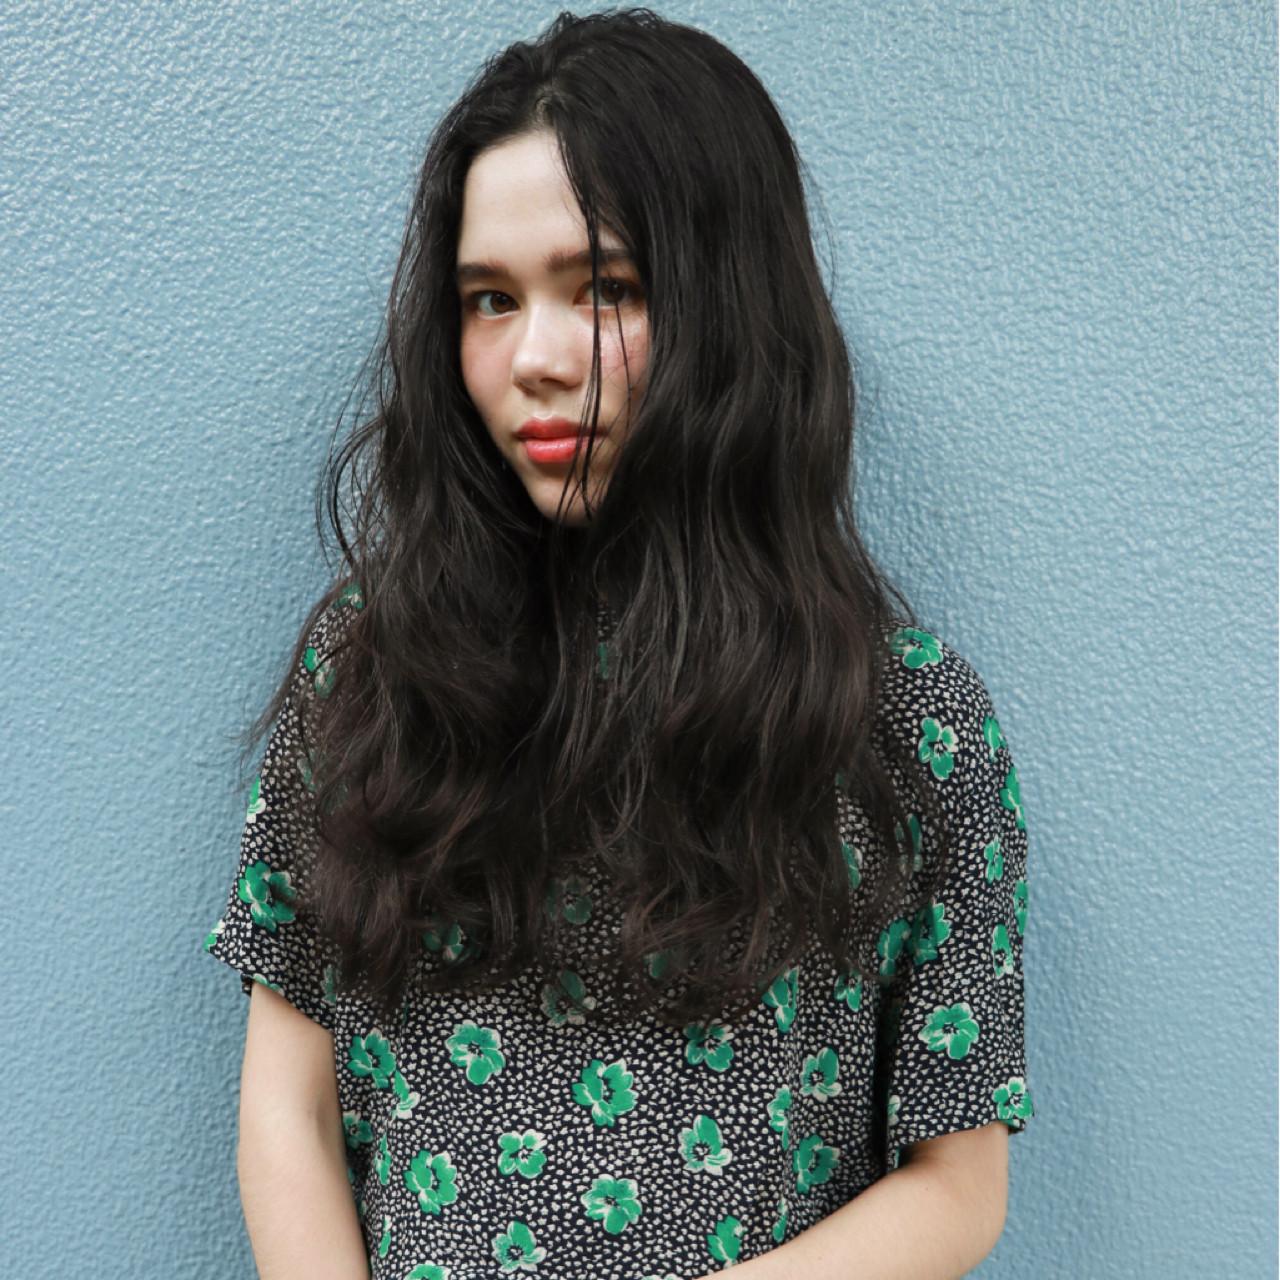 外国人風 パーマ オフィス ロング ヘアスタイルや髪型の写真・画像 | 一色 さおり / LOAVE AOYAMA(ローブ アオヤマ)